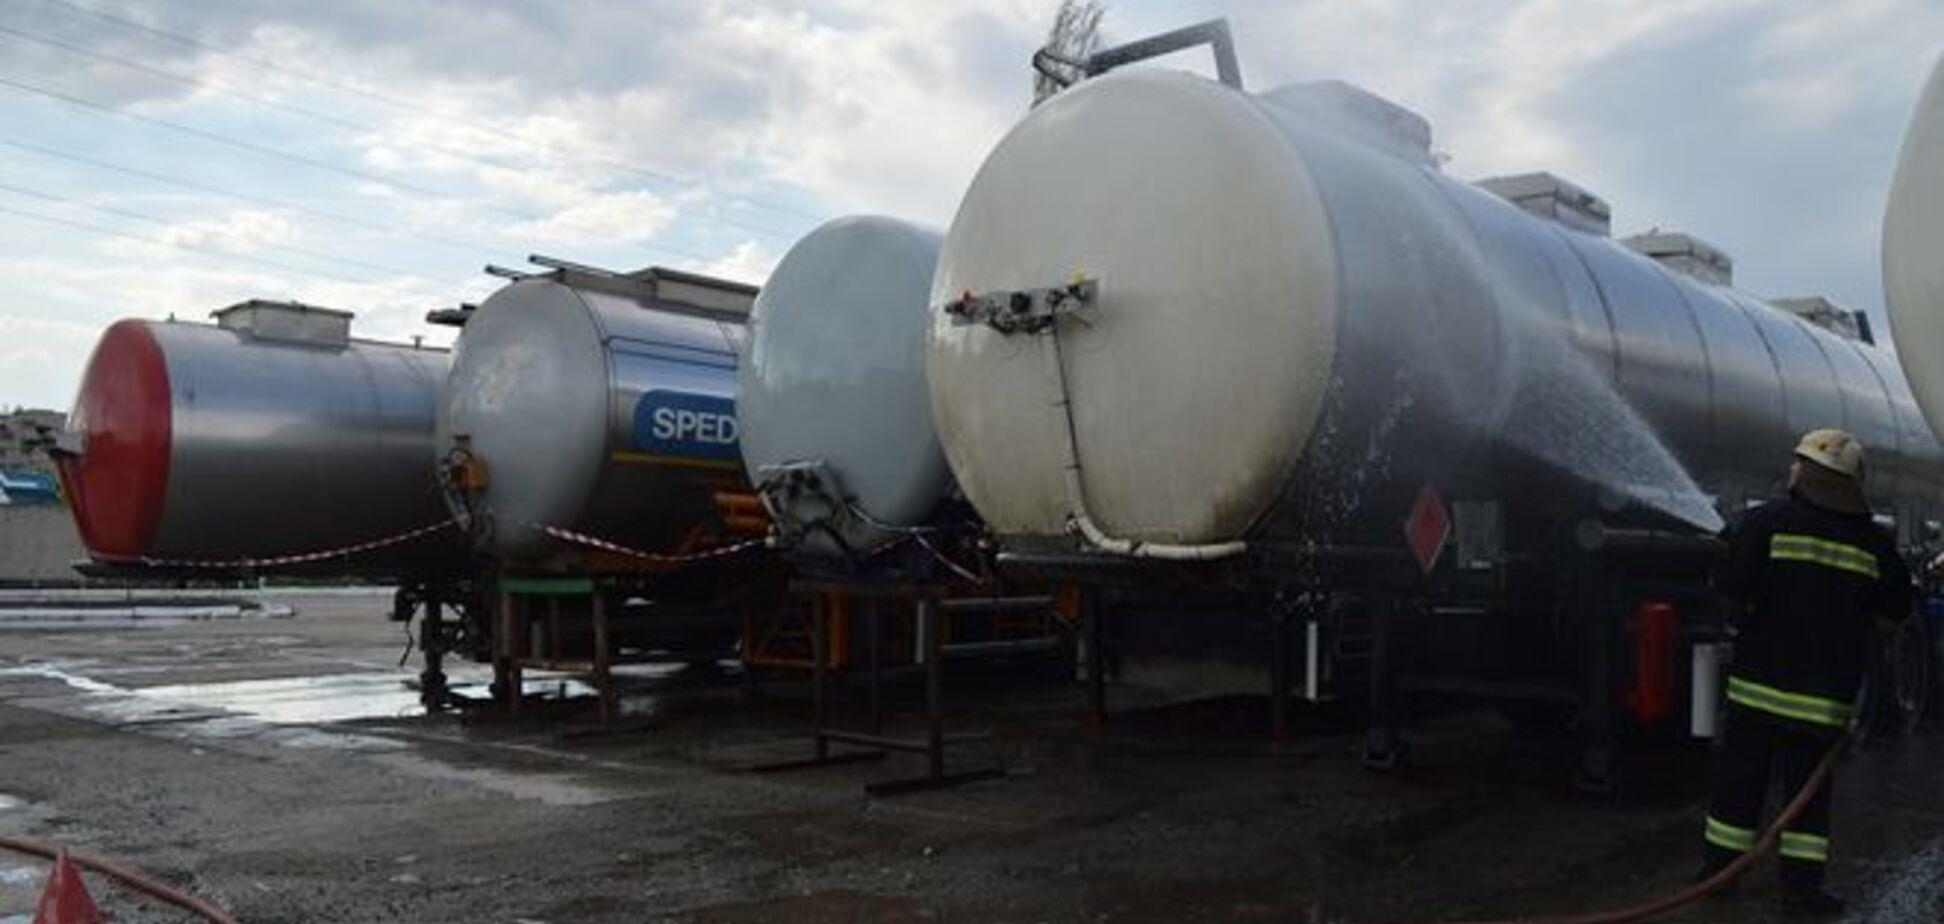 На Луганщине 100 тонн метанола на грани взрыва: Москаль говорит об экологической катастрофе